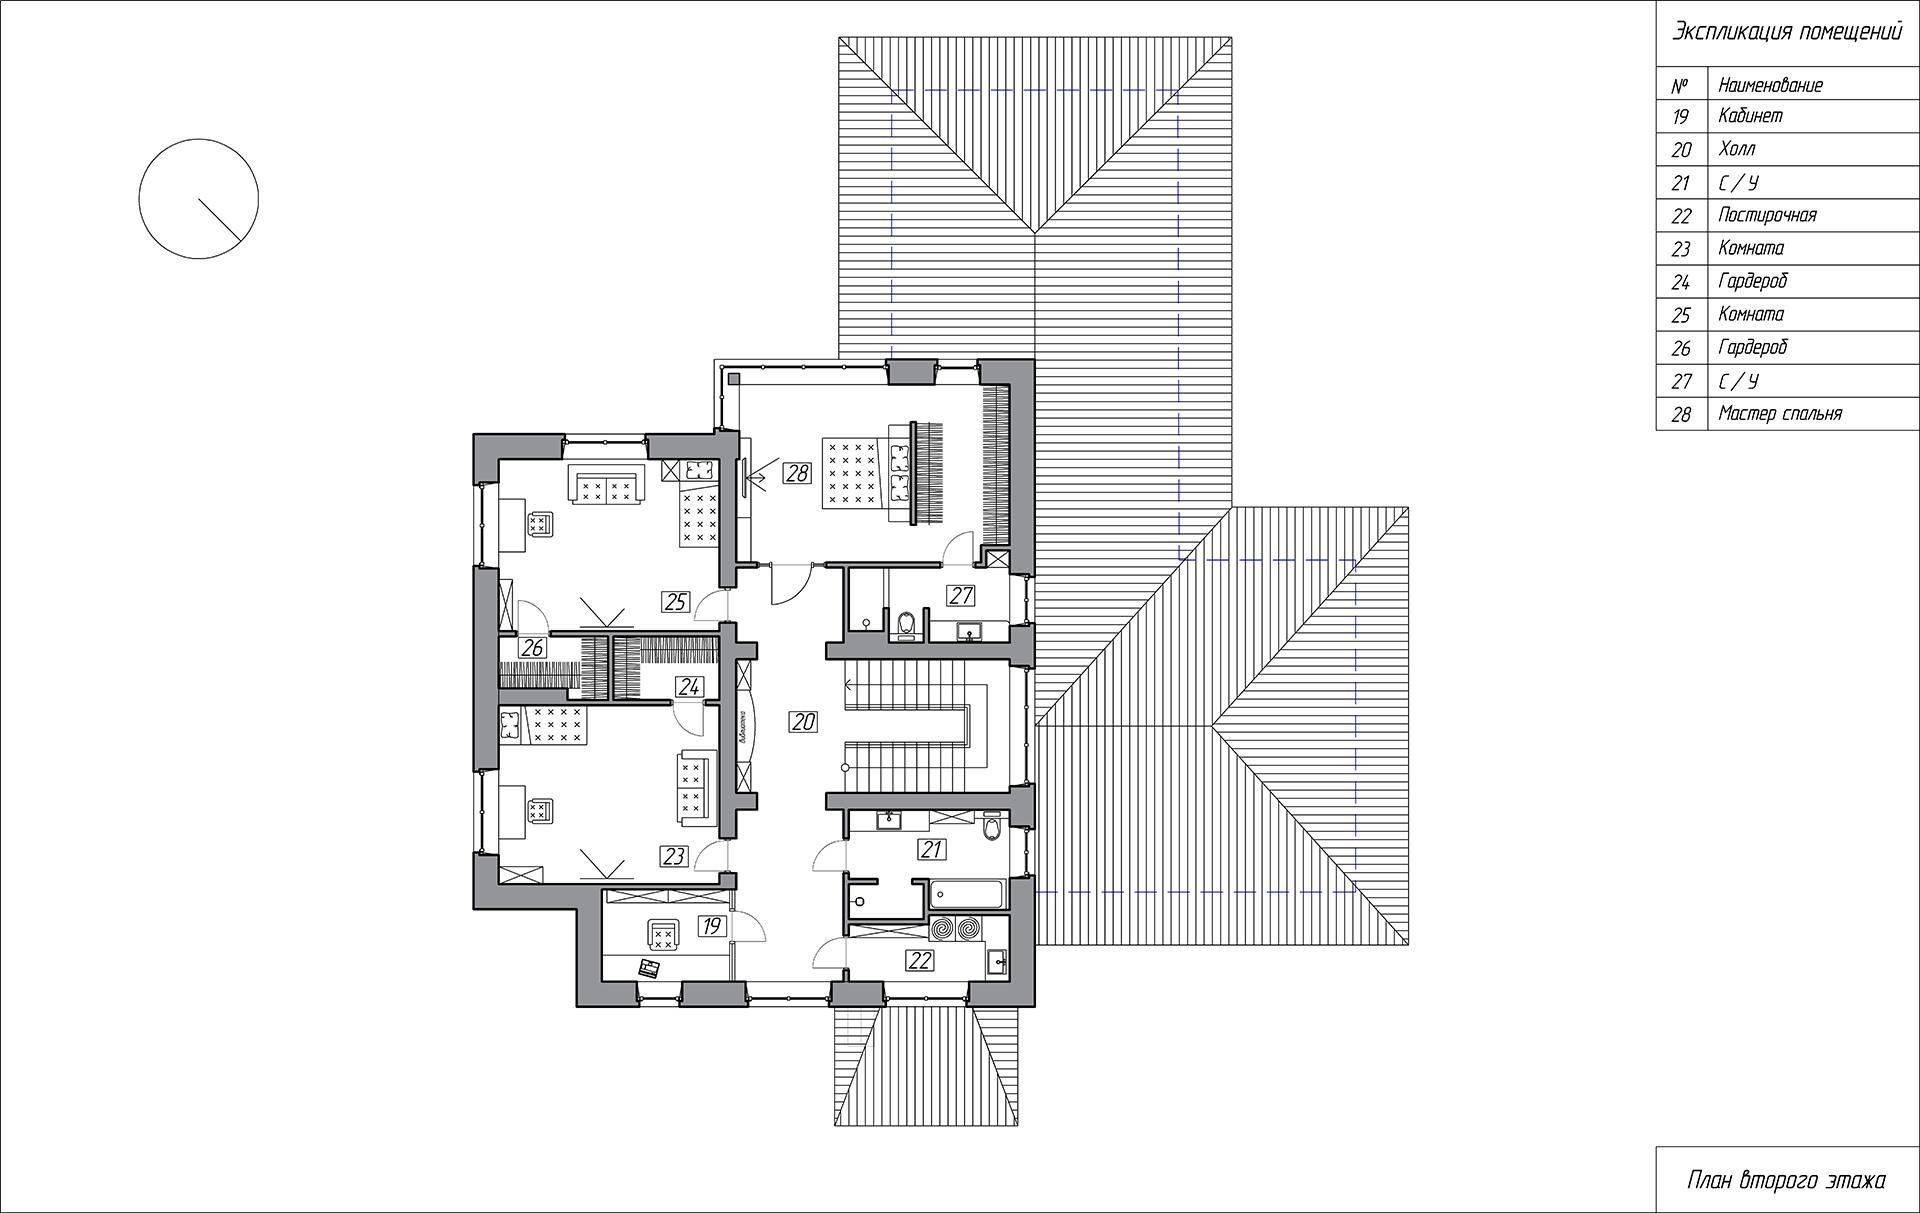 11-Nagorniy-web-2-floor